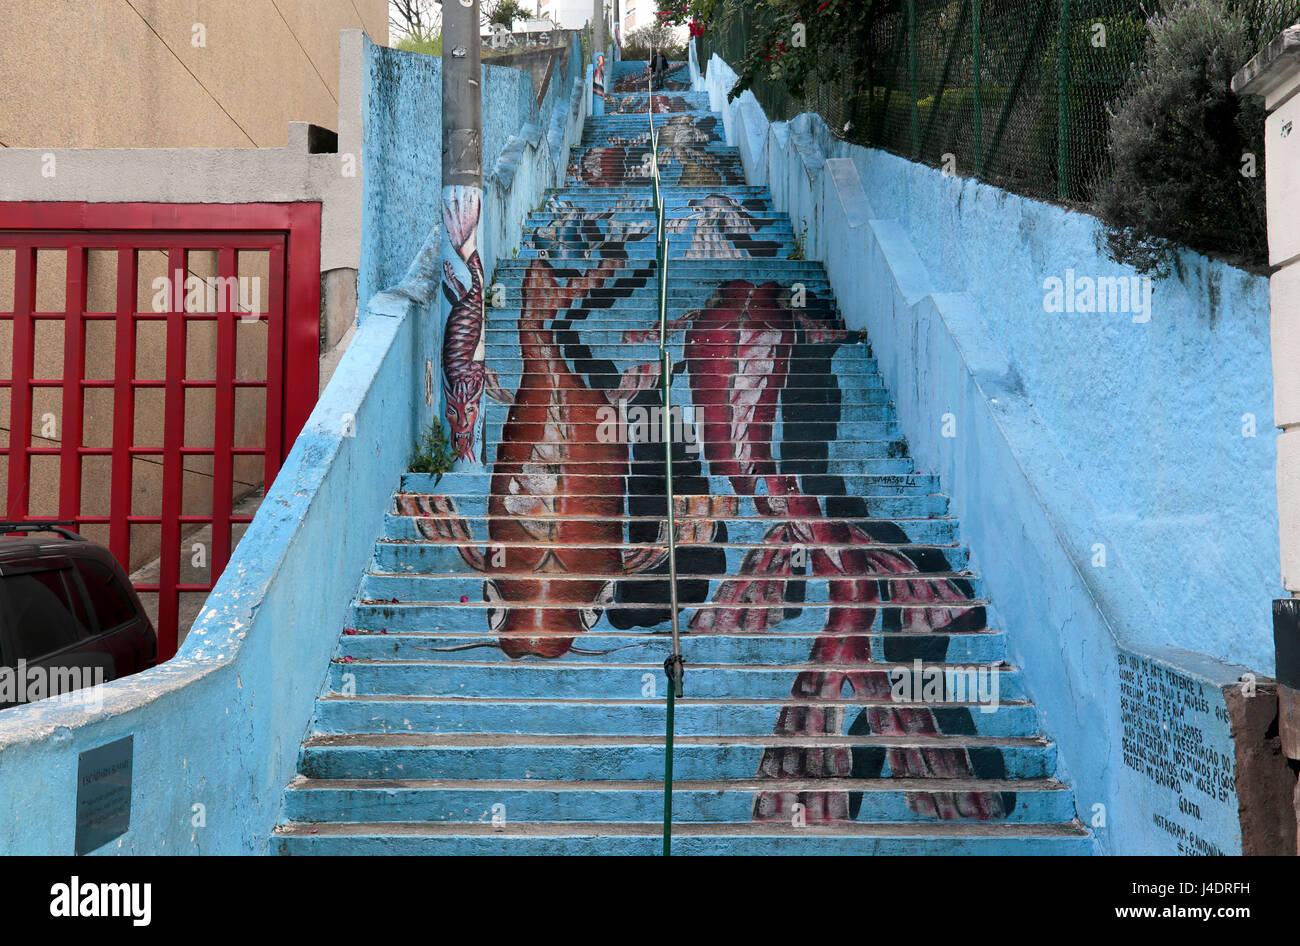 Graffiti sur un escalier dans la ville de Sao Paulo - Brésil Photo Stock